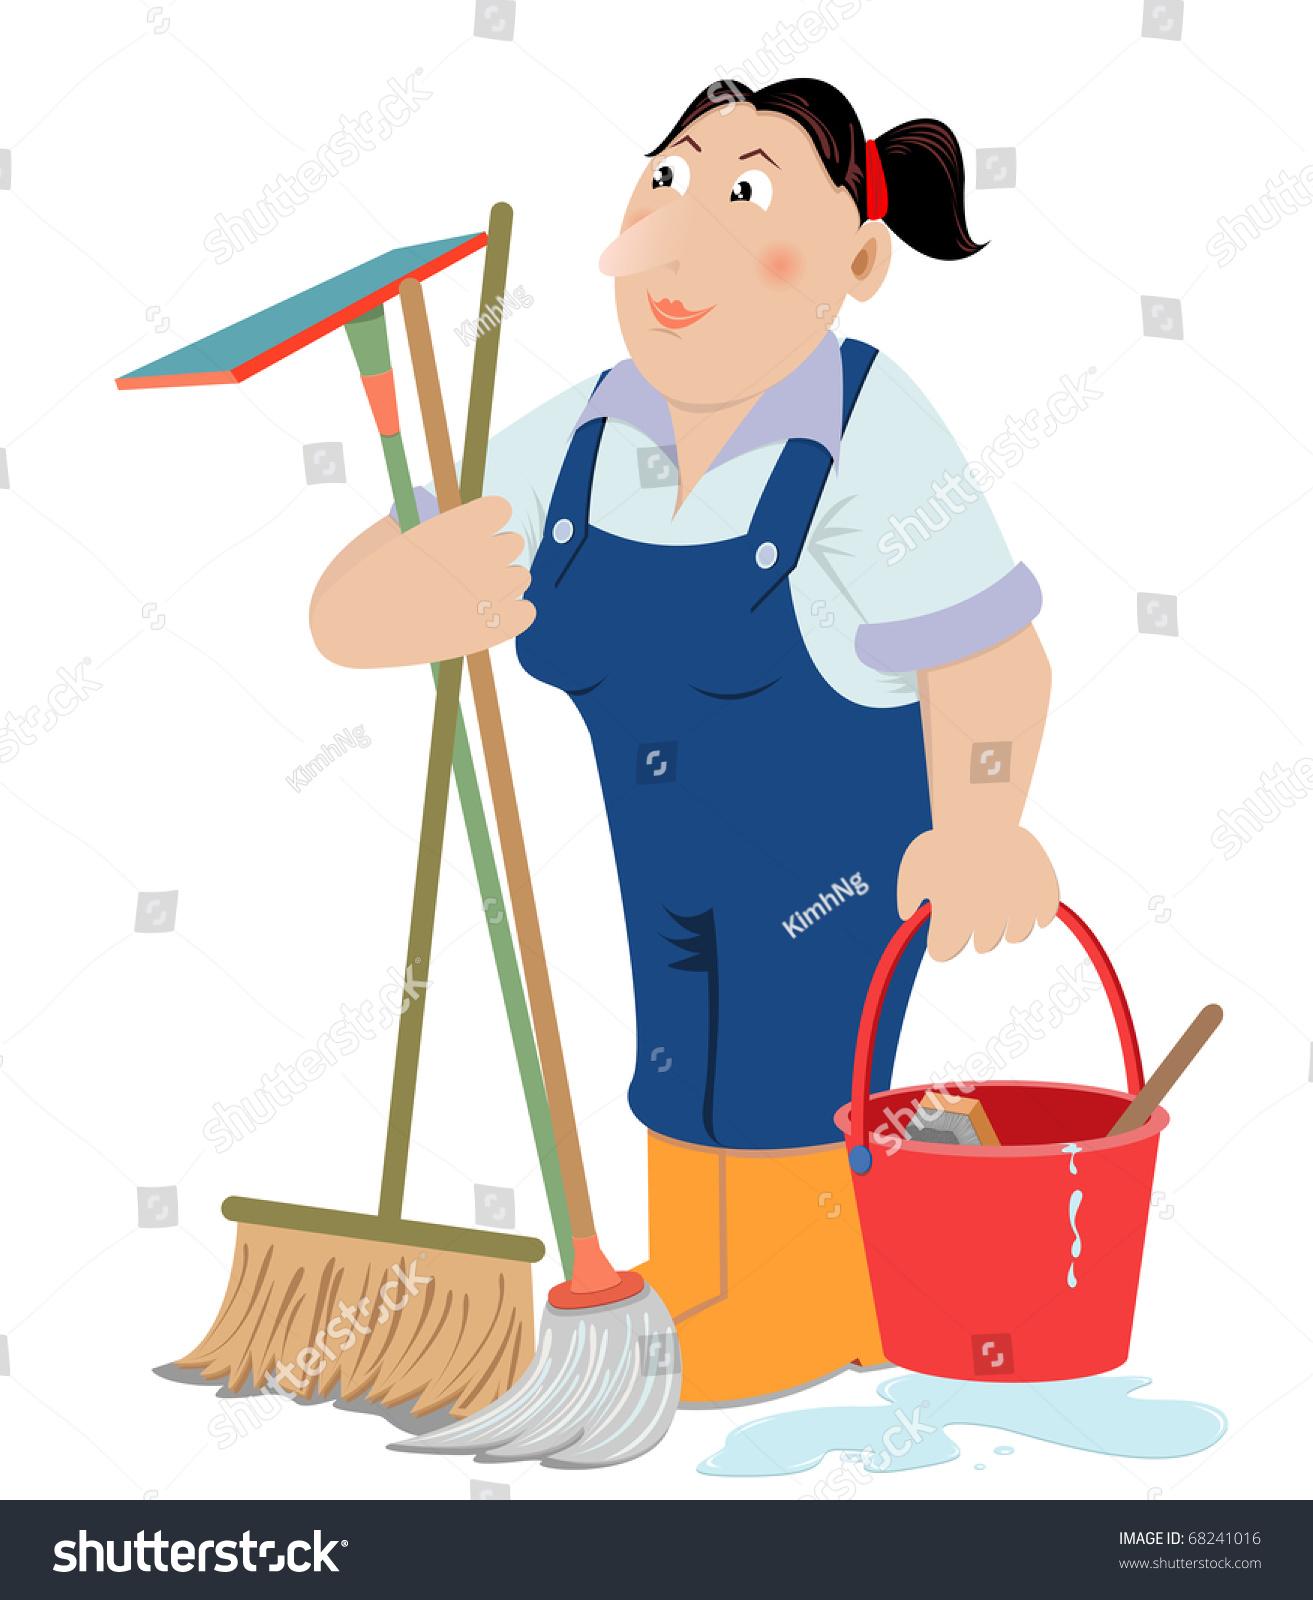 Domestic Help Clip Art